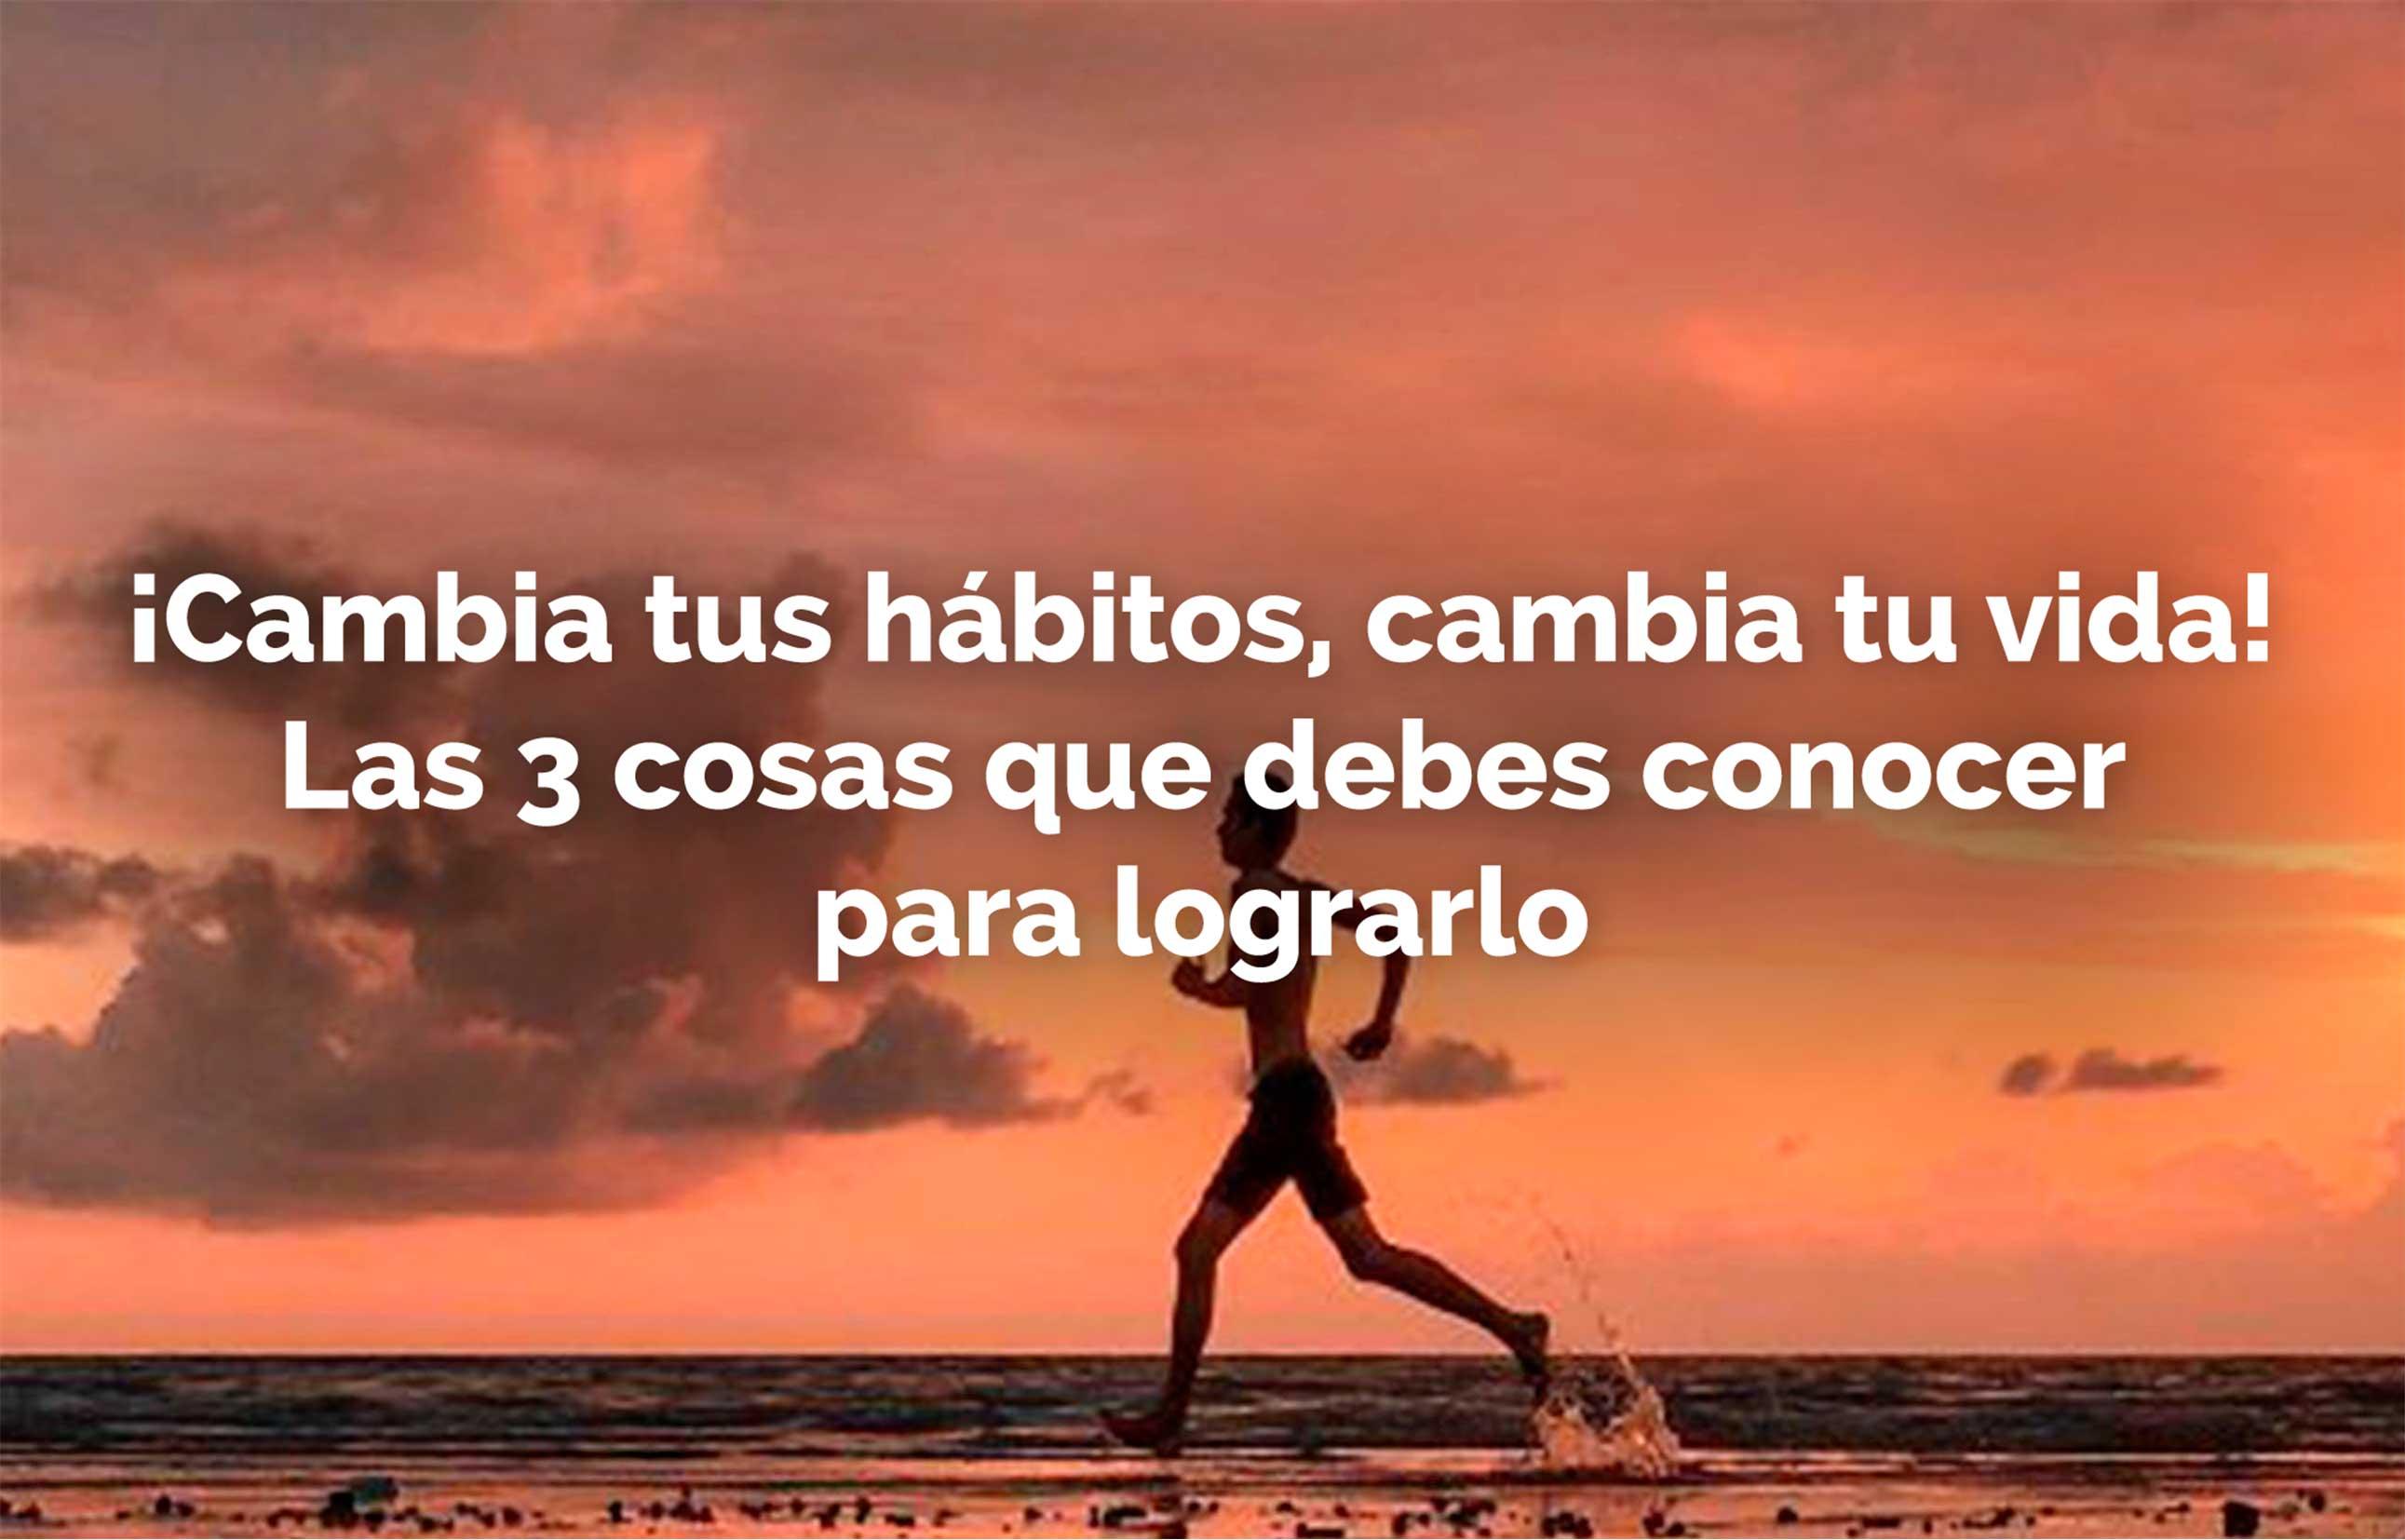 ¡Cambia tus hábitos, cambia tu vida! Las 3 cosas que debes conocer para lograrlo